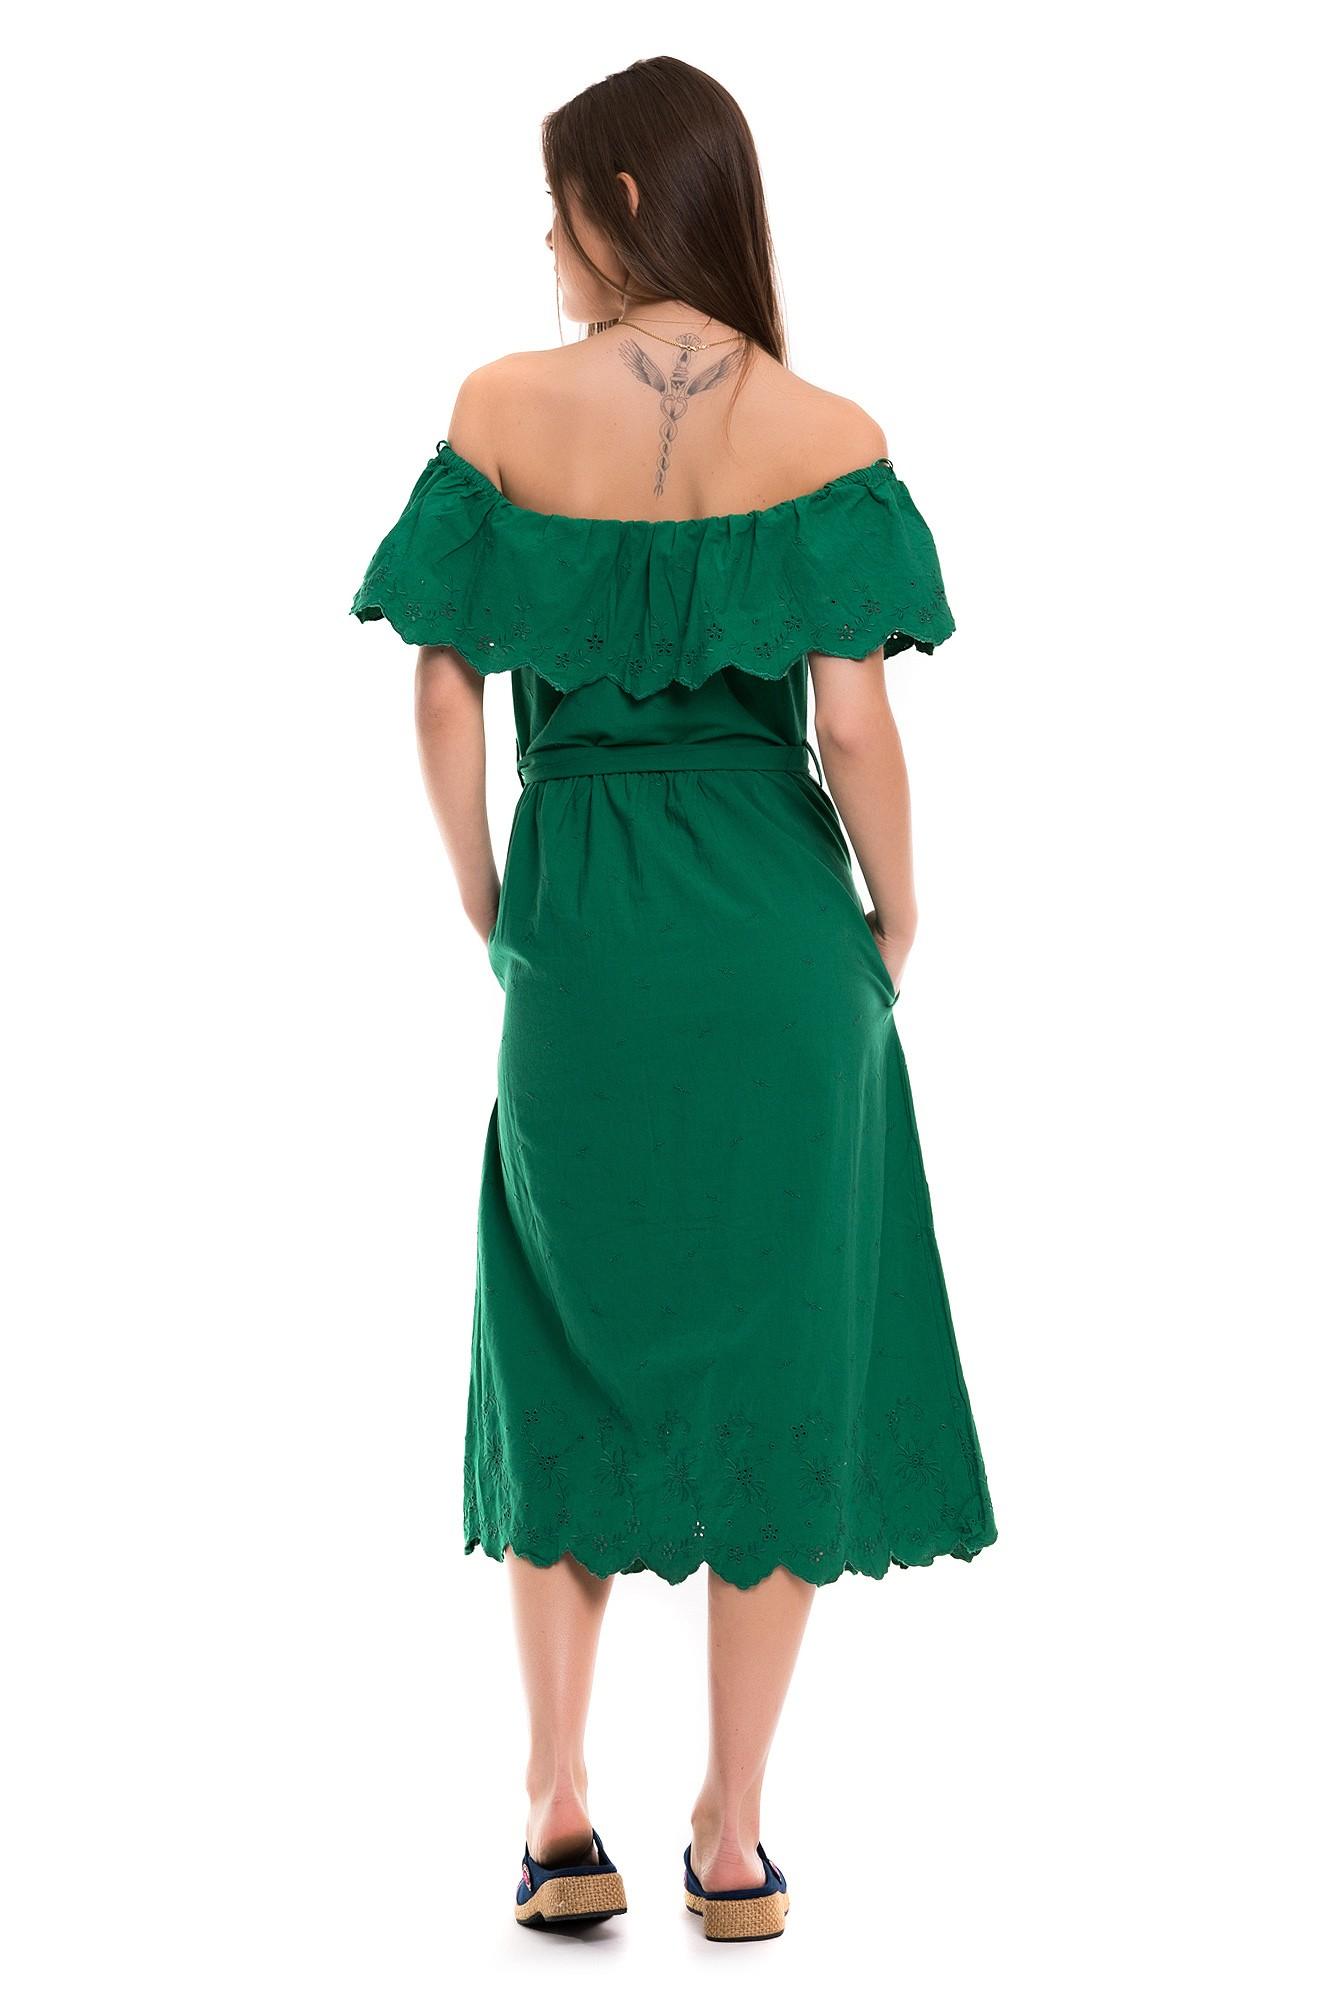 Rochie verde cu volan , broderie si nasturi